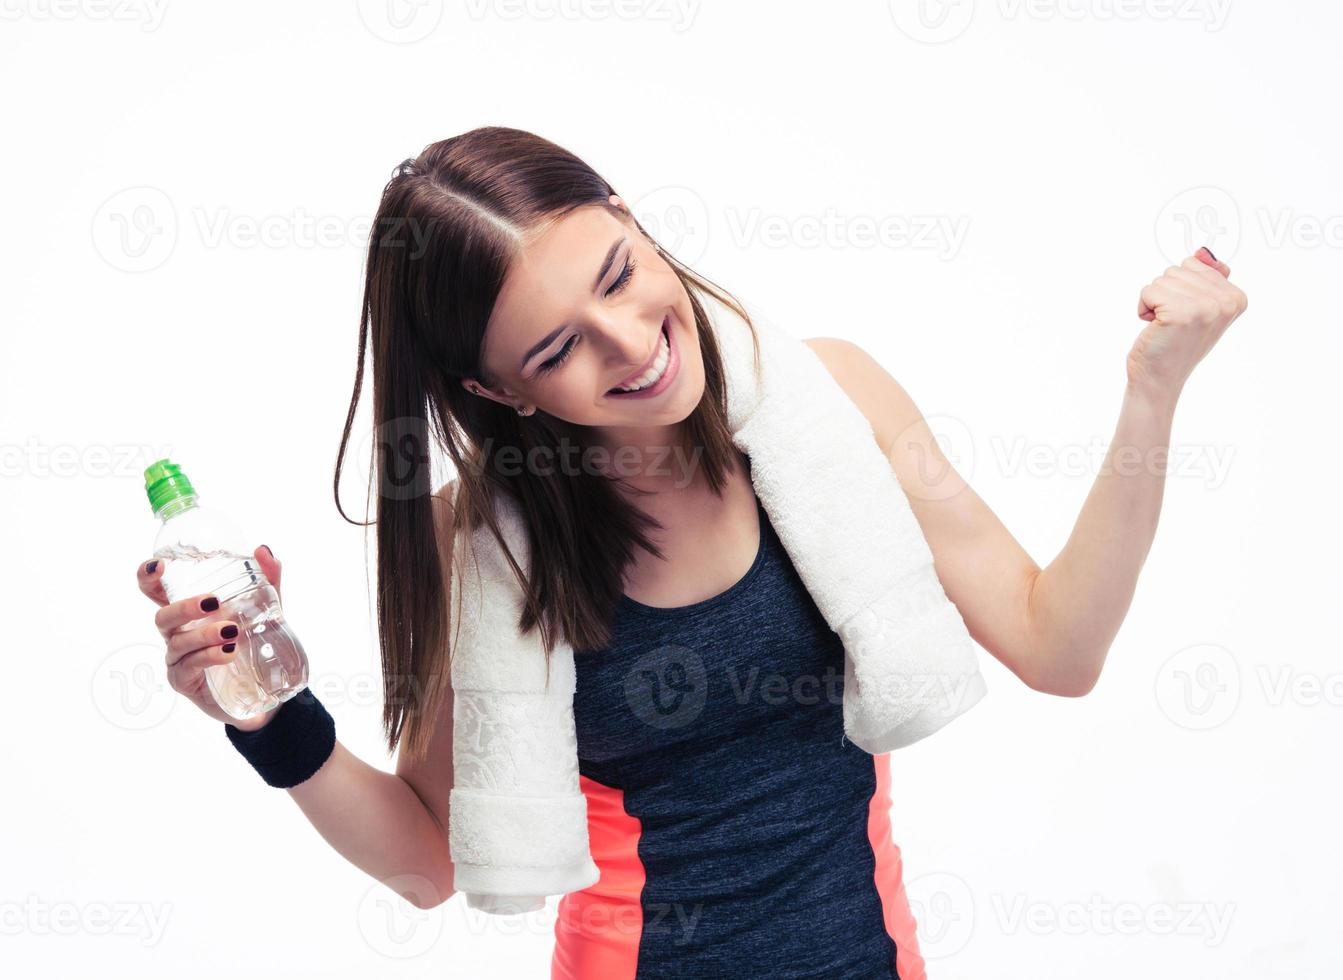 donna fitness festeggia la sua vittoria foto